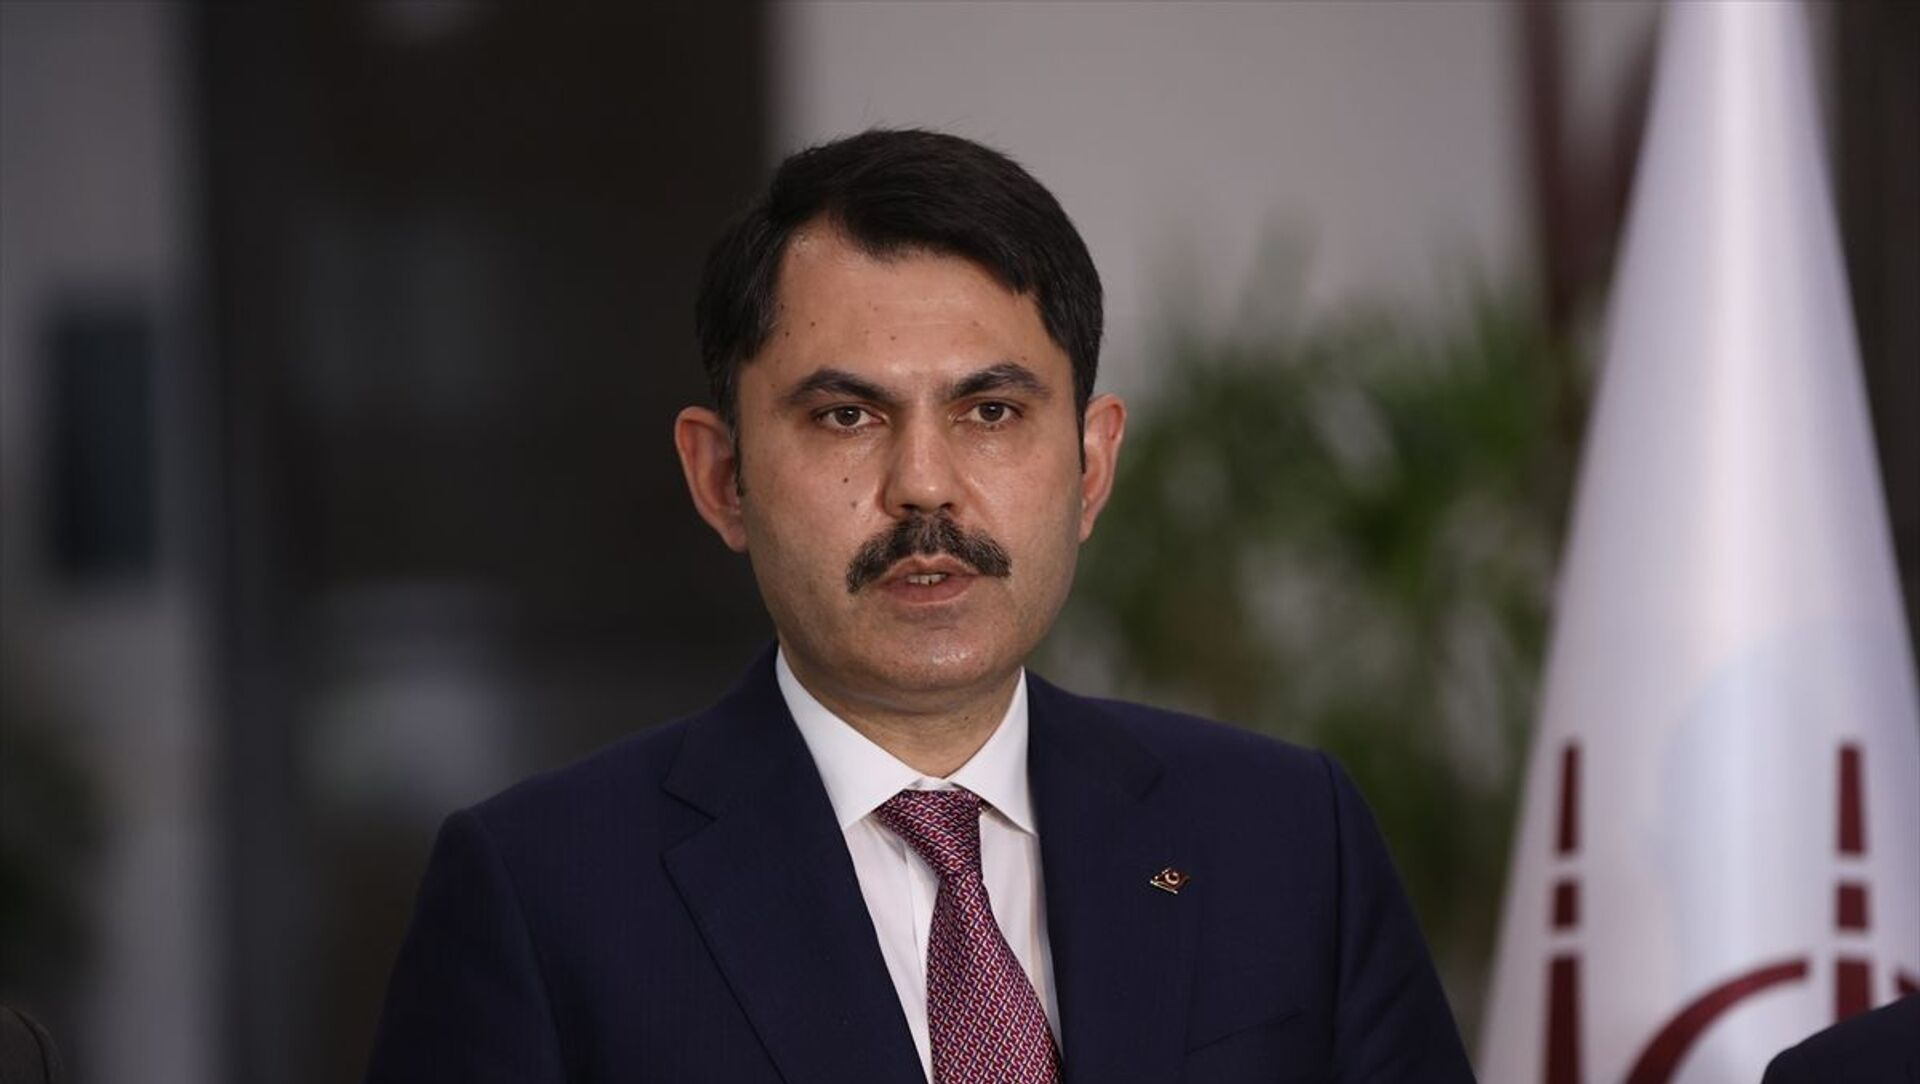 Çevre ve Şehircilik Bakanı Murat Kurum - Sputnik Türkiye, 1920, 21.05.2021